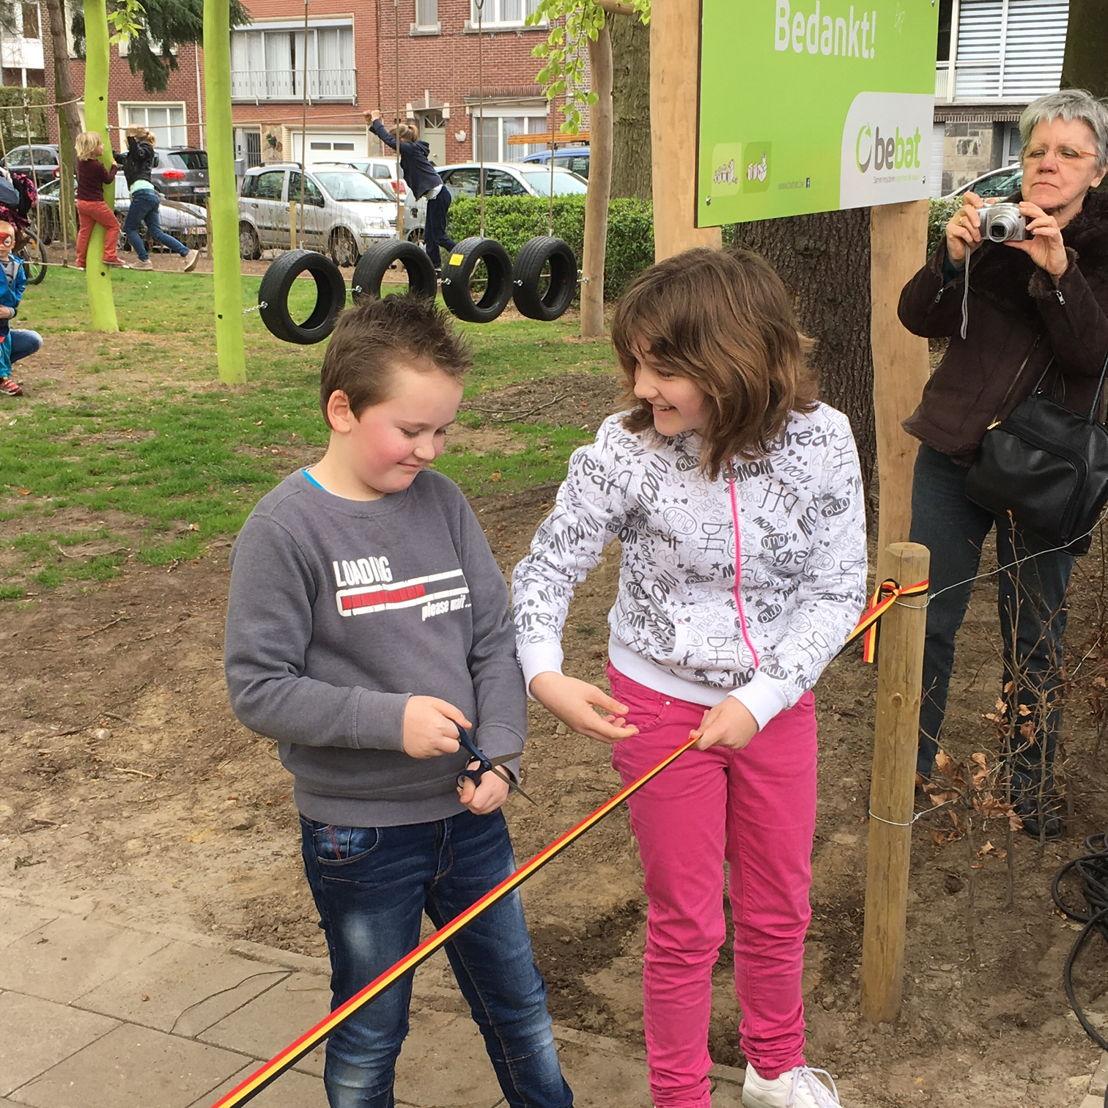 Gwendolyne en Connor Willems, twee creatievelingen die de naam voor het speelplein bedachten en als winnaars uit de bus kwamen van de naamwedstrijd